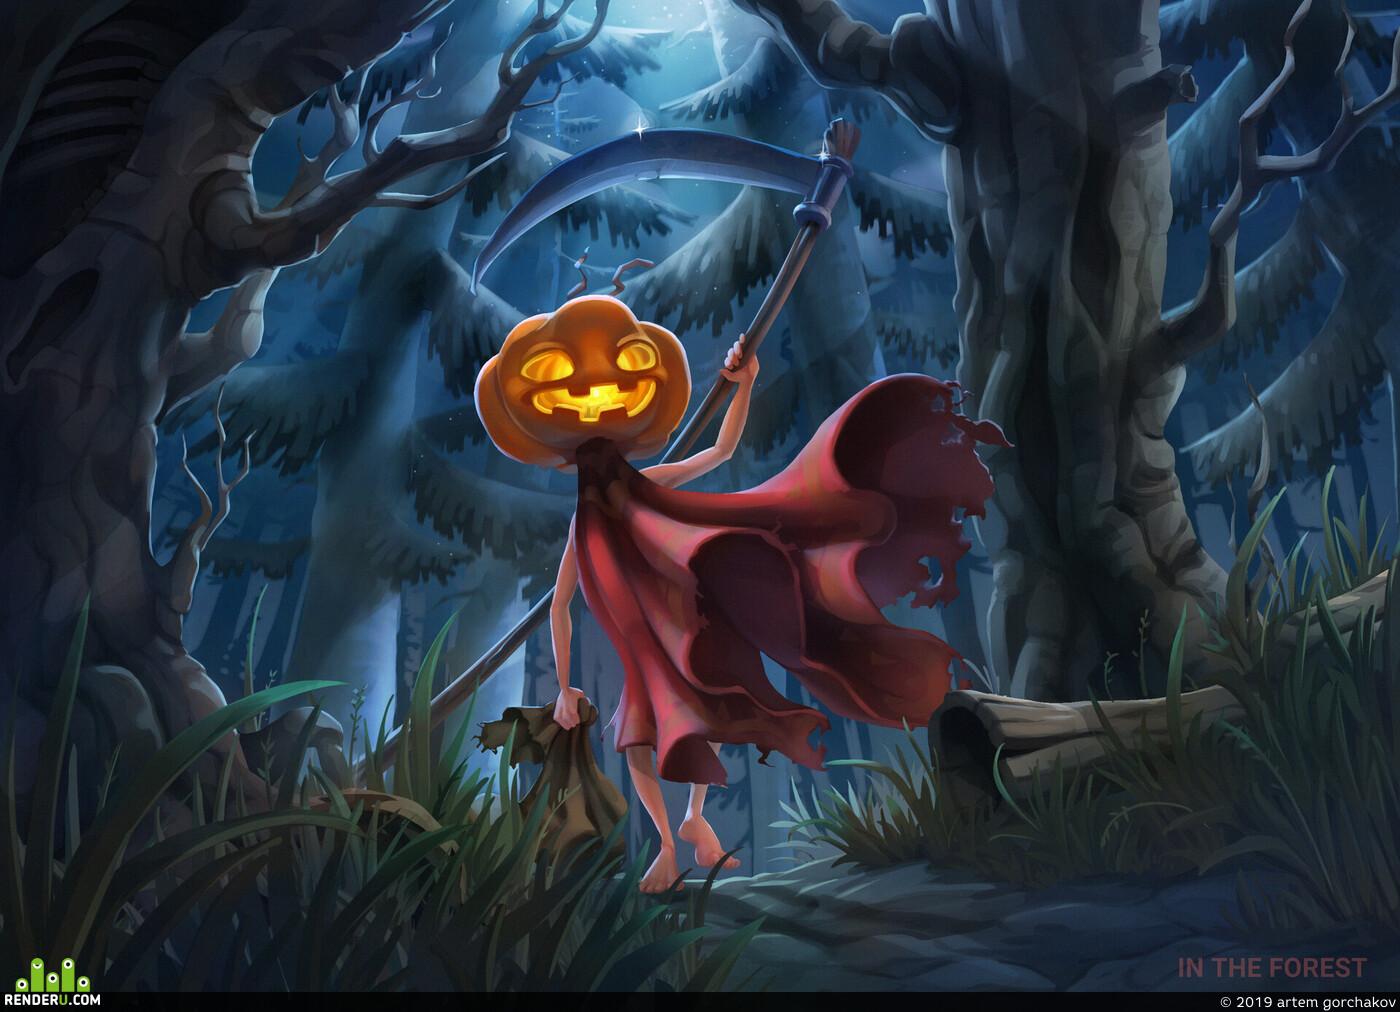 Тыквоголовый, тыква, ночь, лес, темный лес, лесной человечек, Кошмар, Хеллоуин